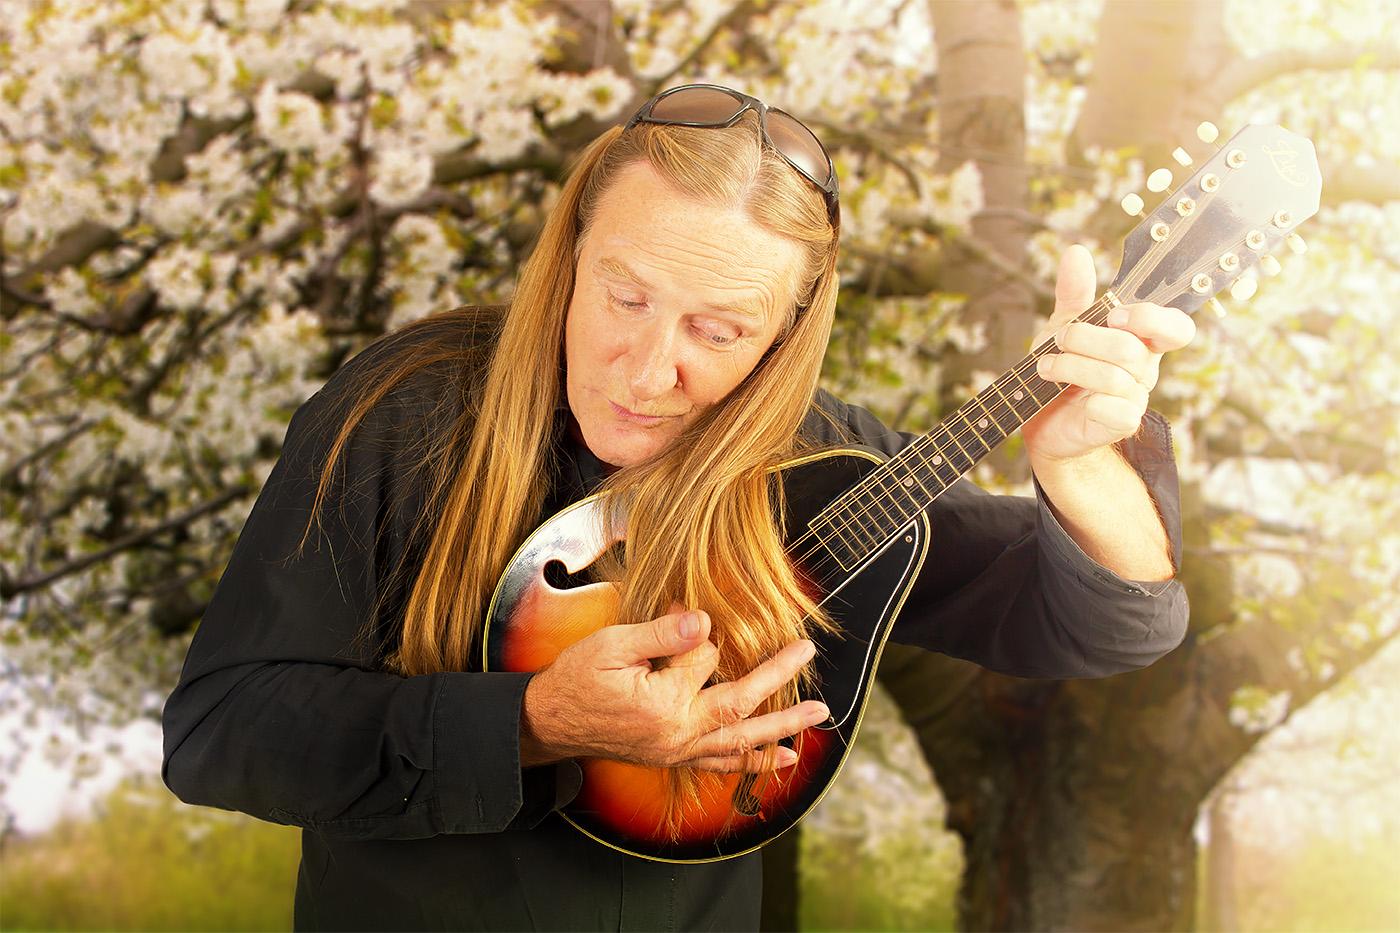 Cord Kunze - Bassist The Gypsys - im Frühling mit einer Mandoline